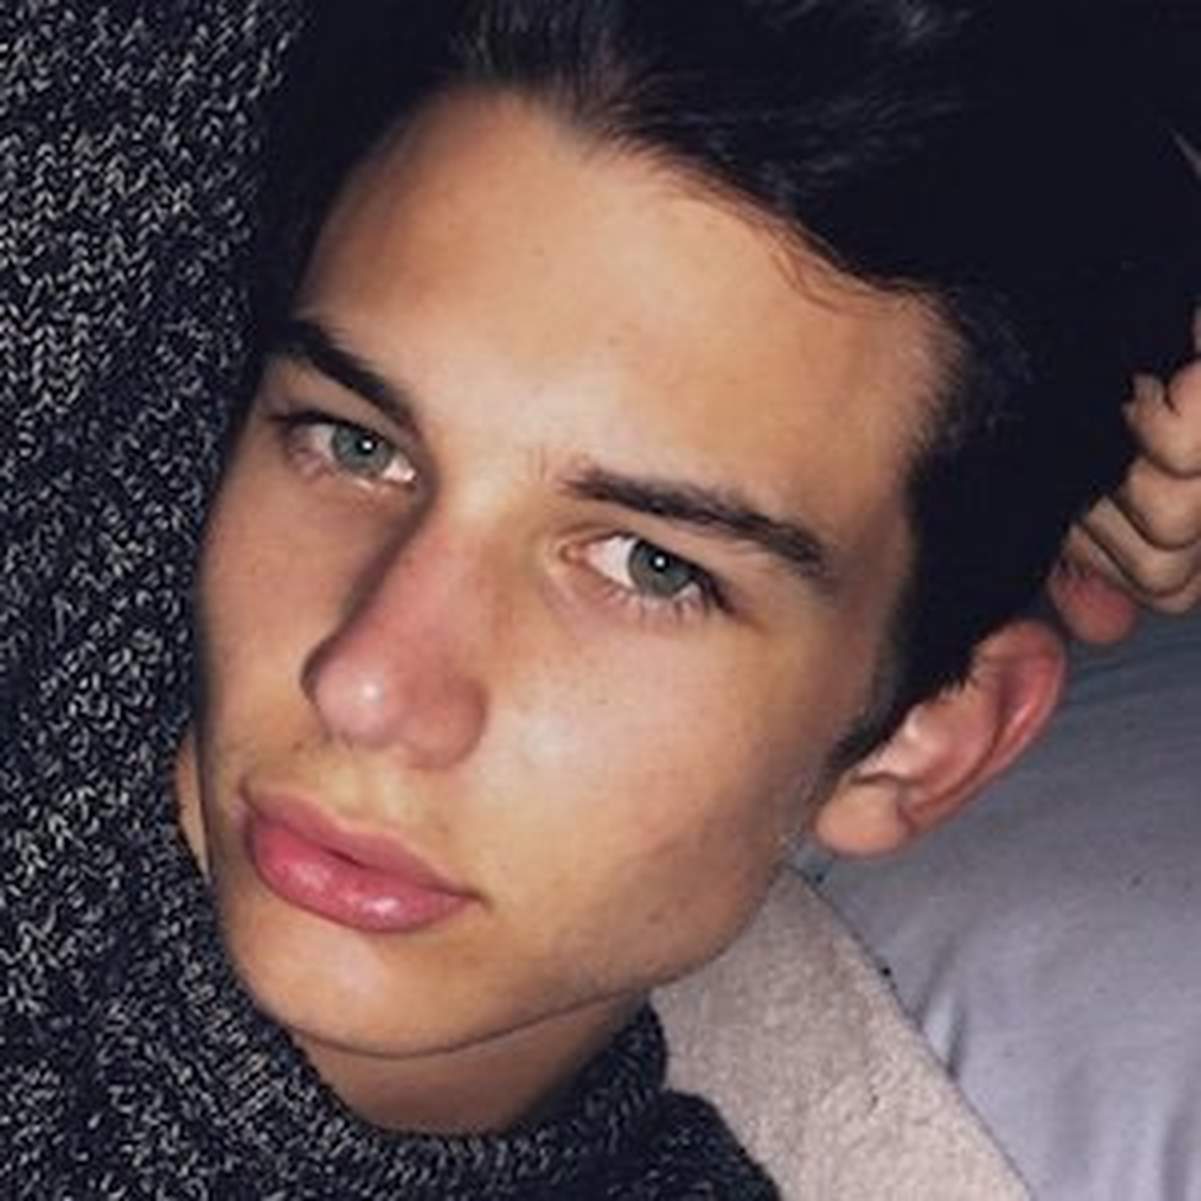 Ryan Mislich